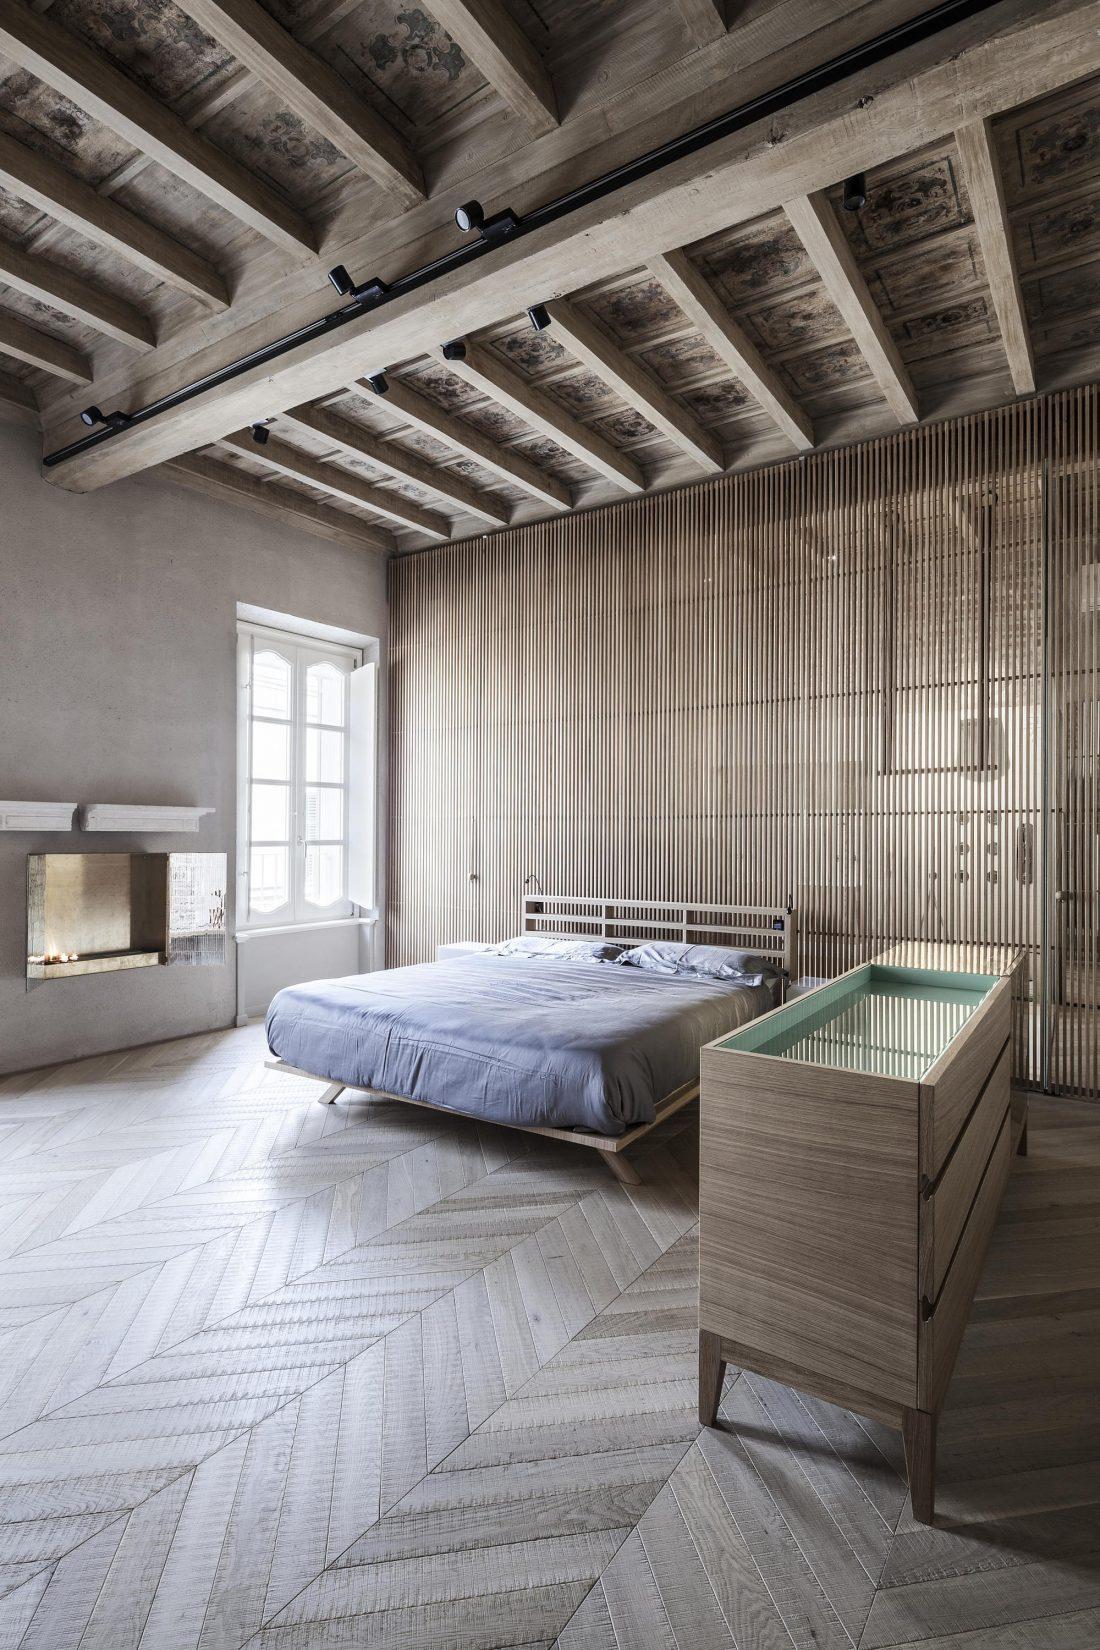 Квартира в античном стиле в старинном доме в Италии 3